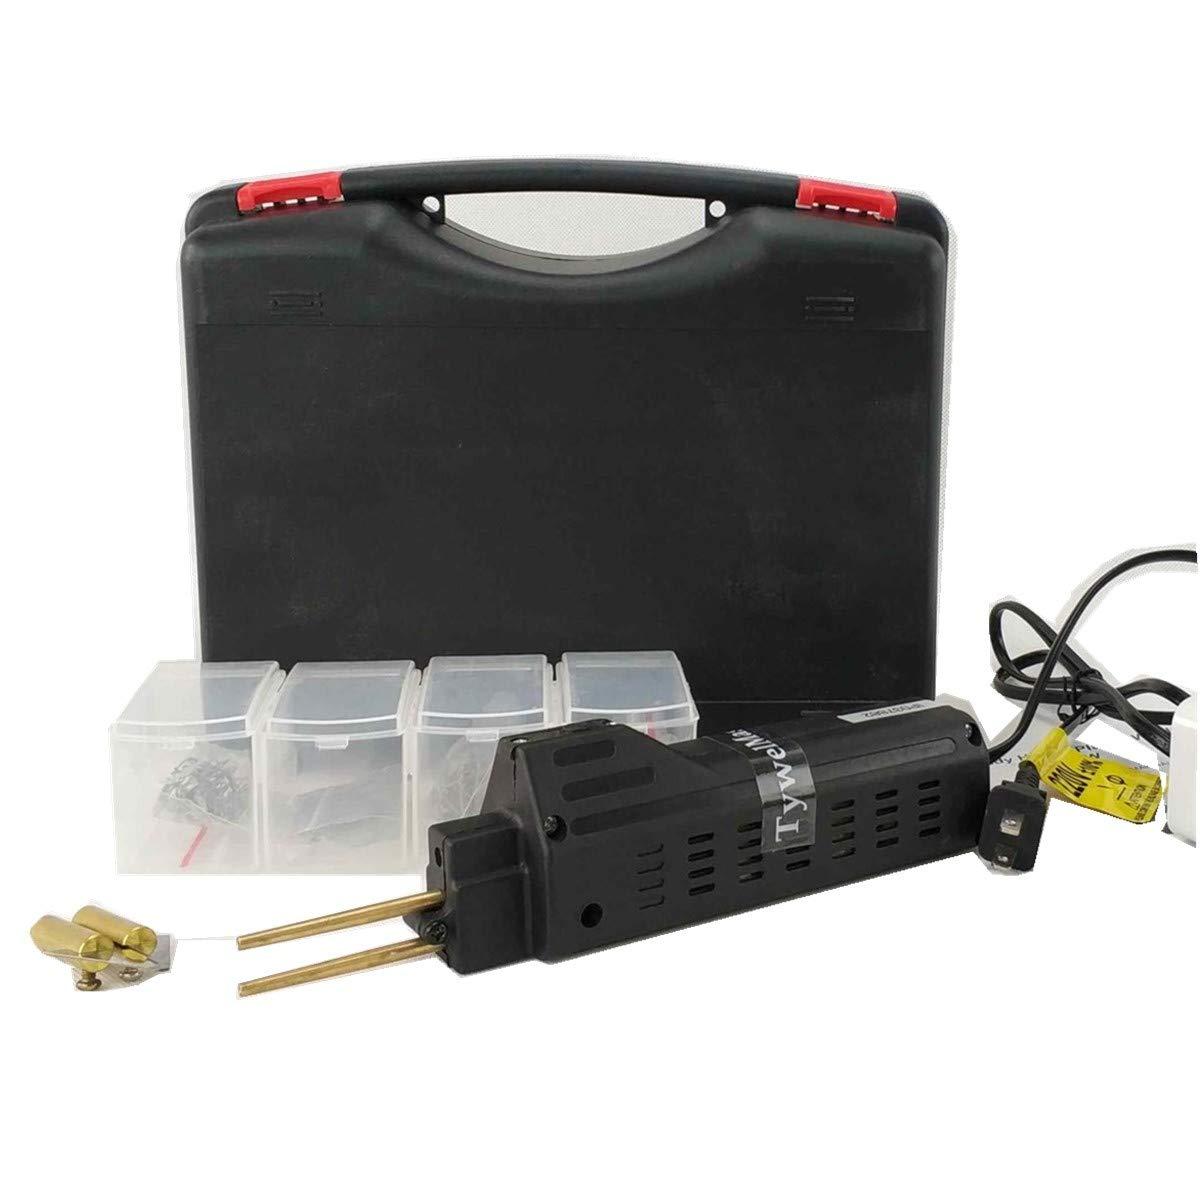 DIY Version outil de r/éparation de pare-chocs de voiture machine de soudure en plastique dagrafe de PVC Soudeuse en plastique pratique machine dagrafes /à chaud de HPW